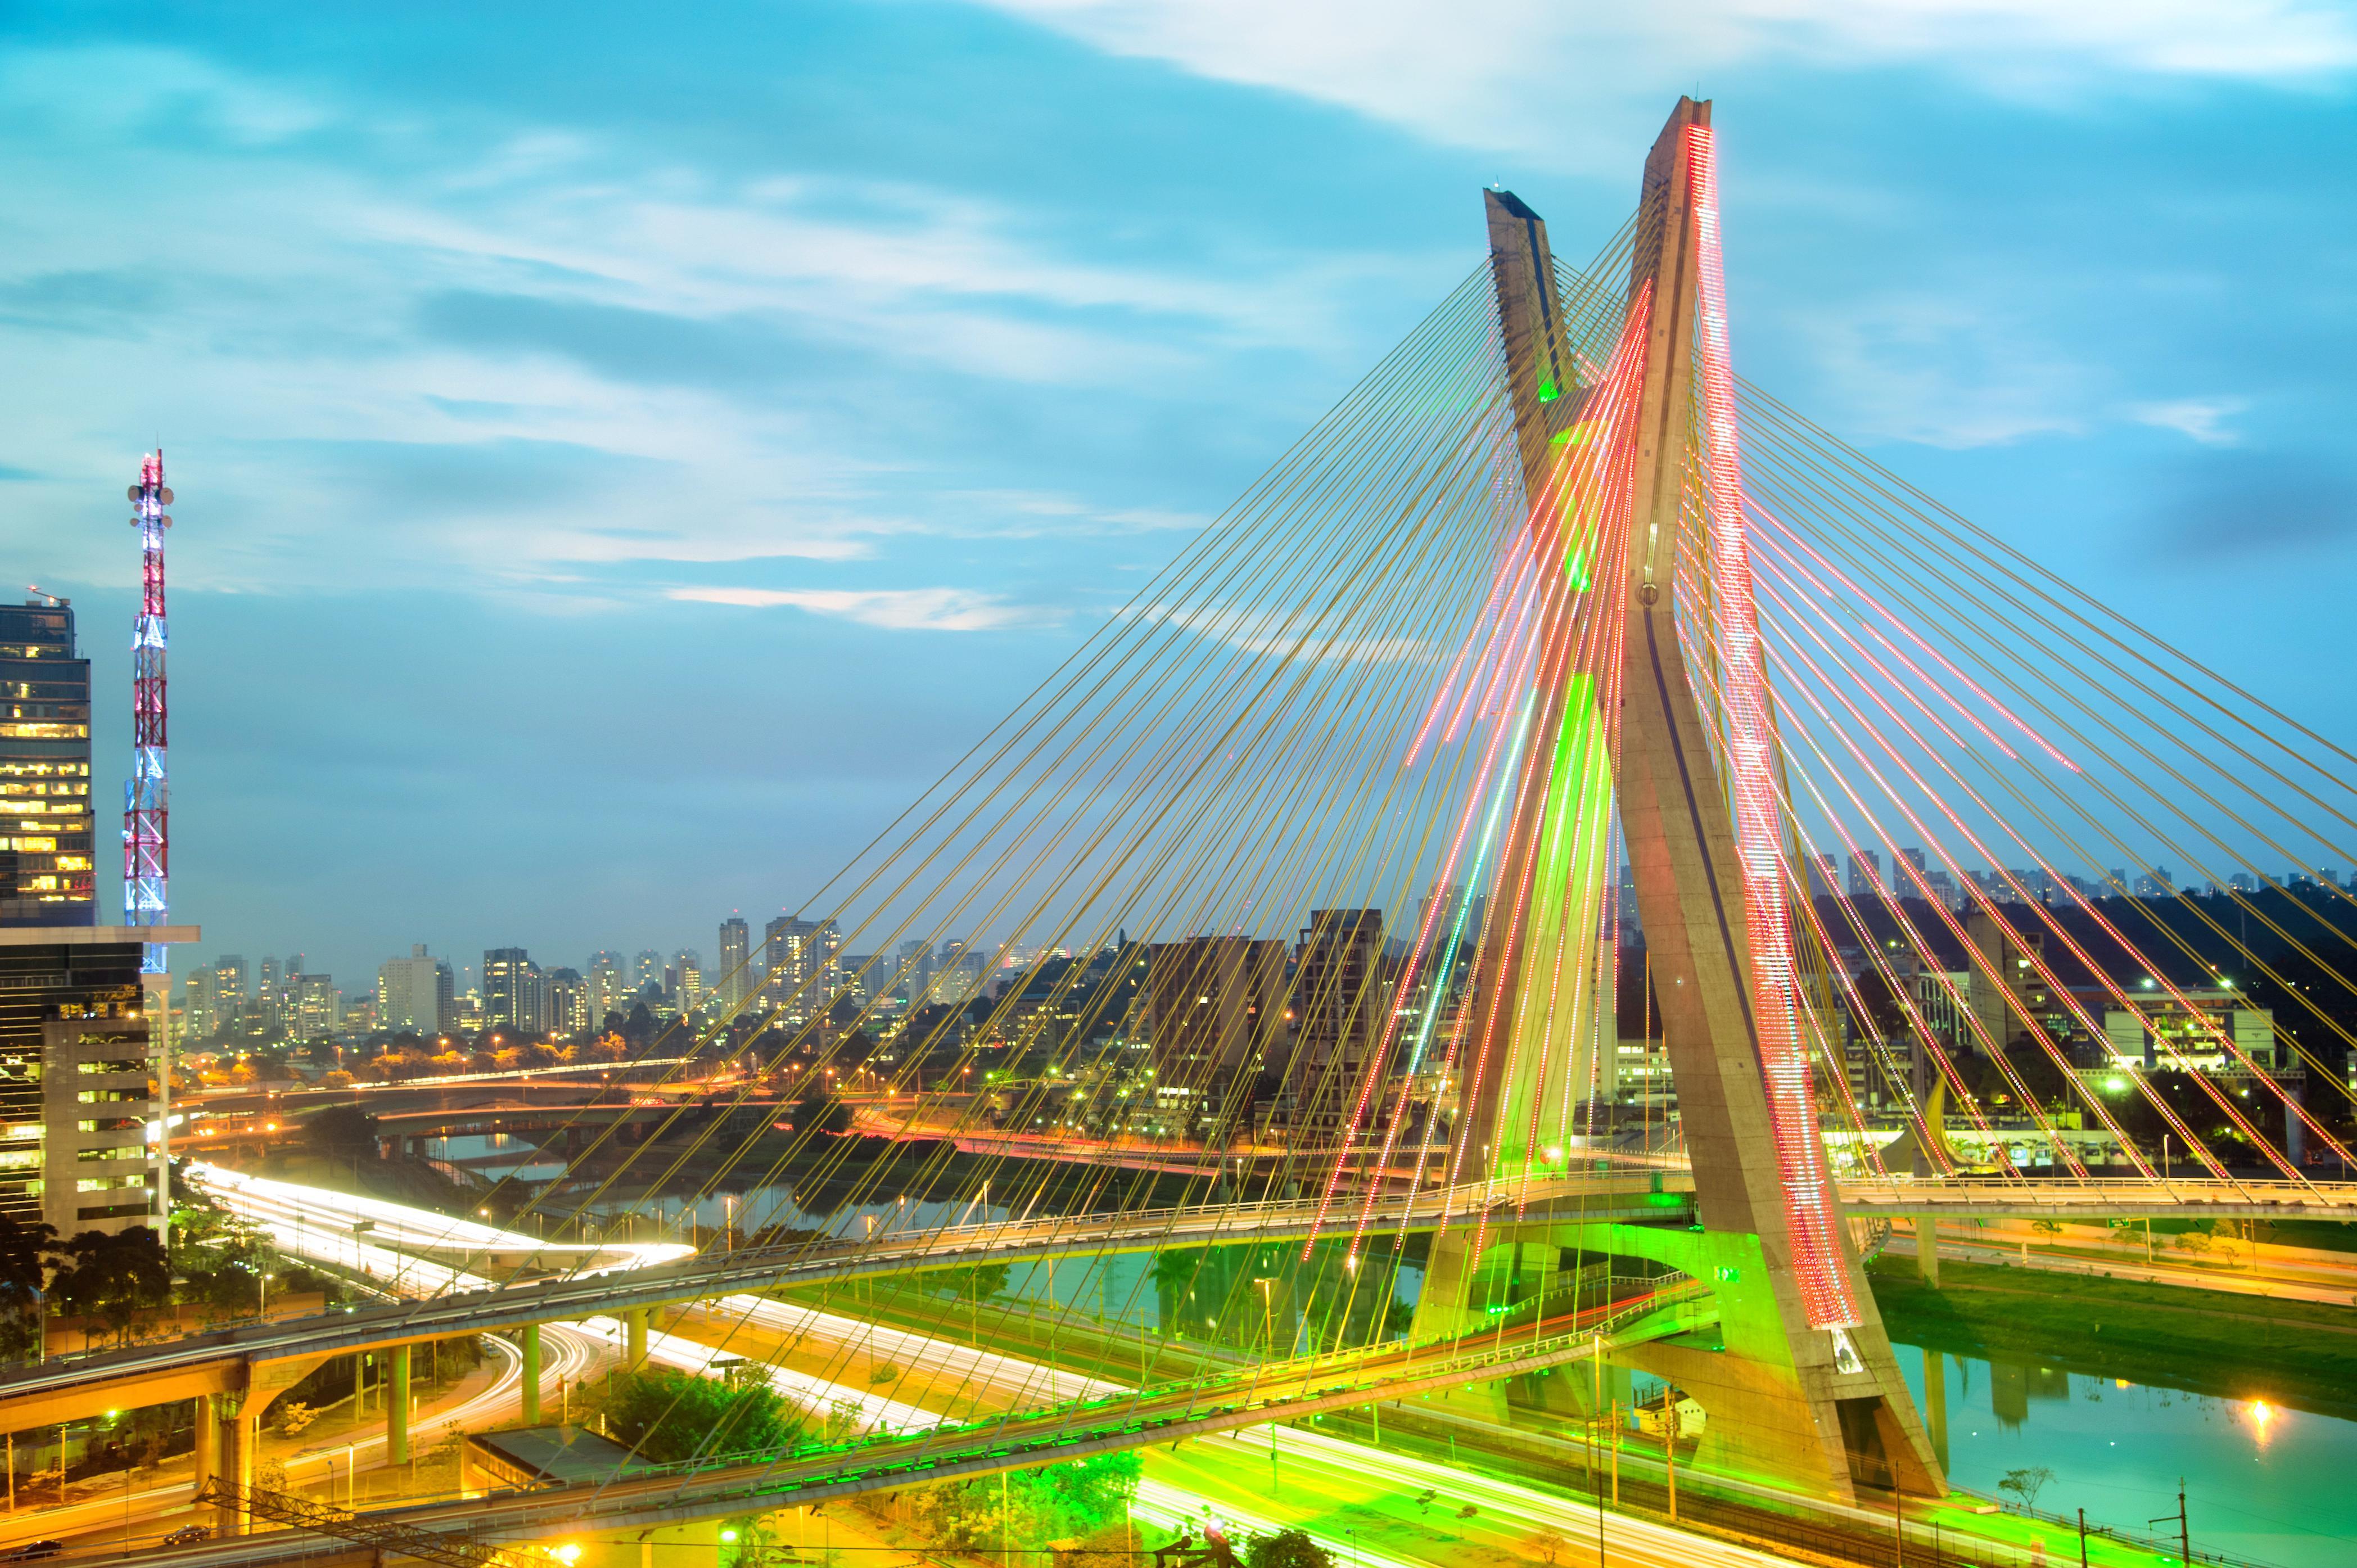 奧克塔維奧·弗裡亞斯·德奧利韋拉大橋